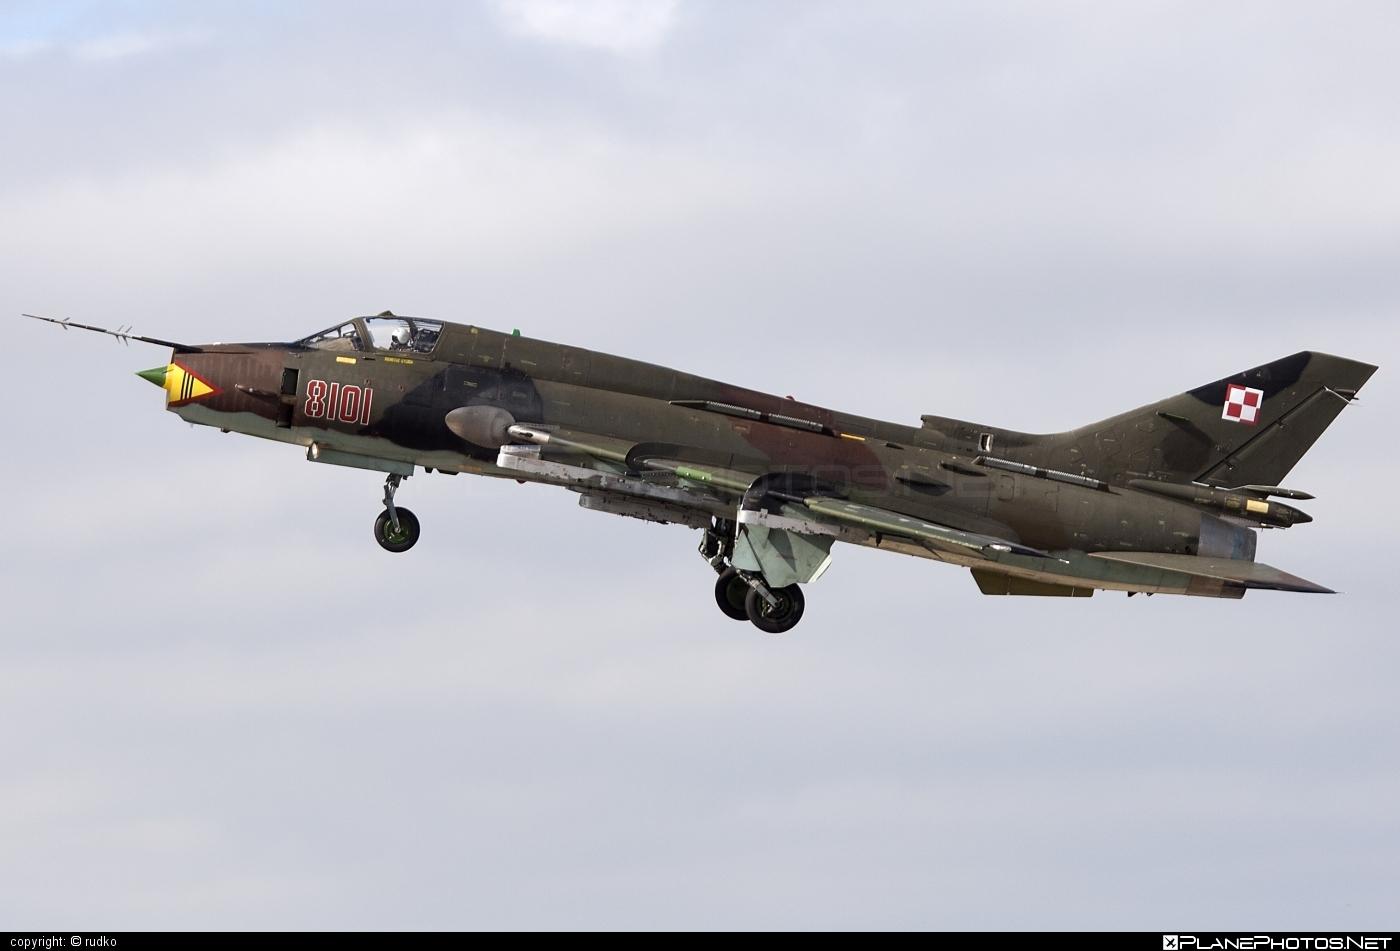 Sukhoi Su-22M4 - 8101 operated by Siły Powietrzne Rzeczypospolitej Polskiej (Polish Air Force) #natodays #natodays2012 #polishairforce #silypowietrzne #sukhoi